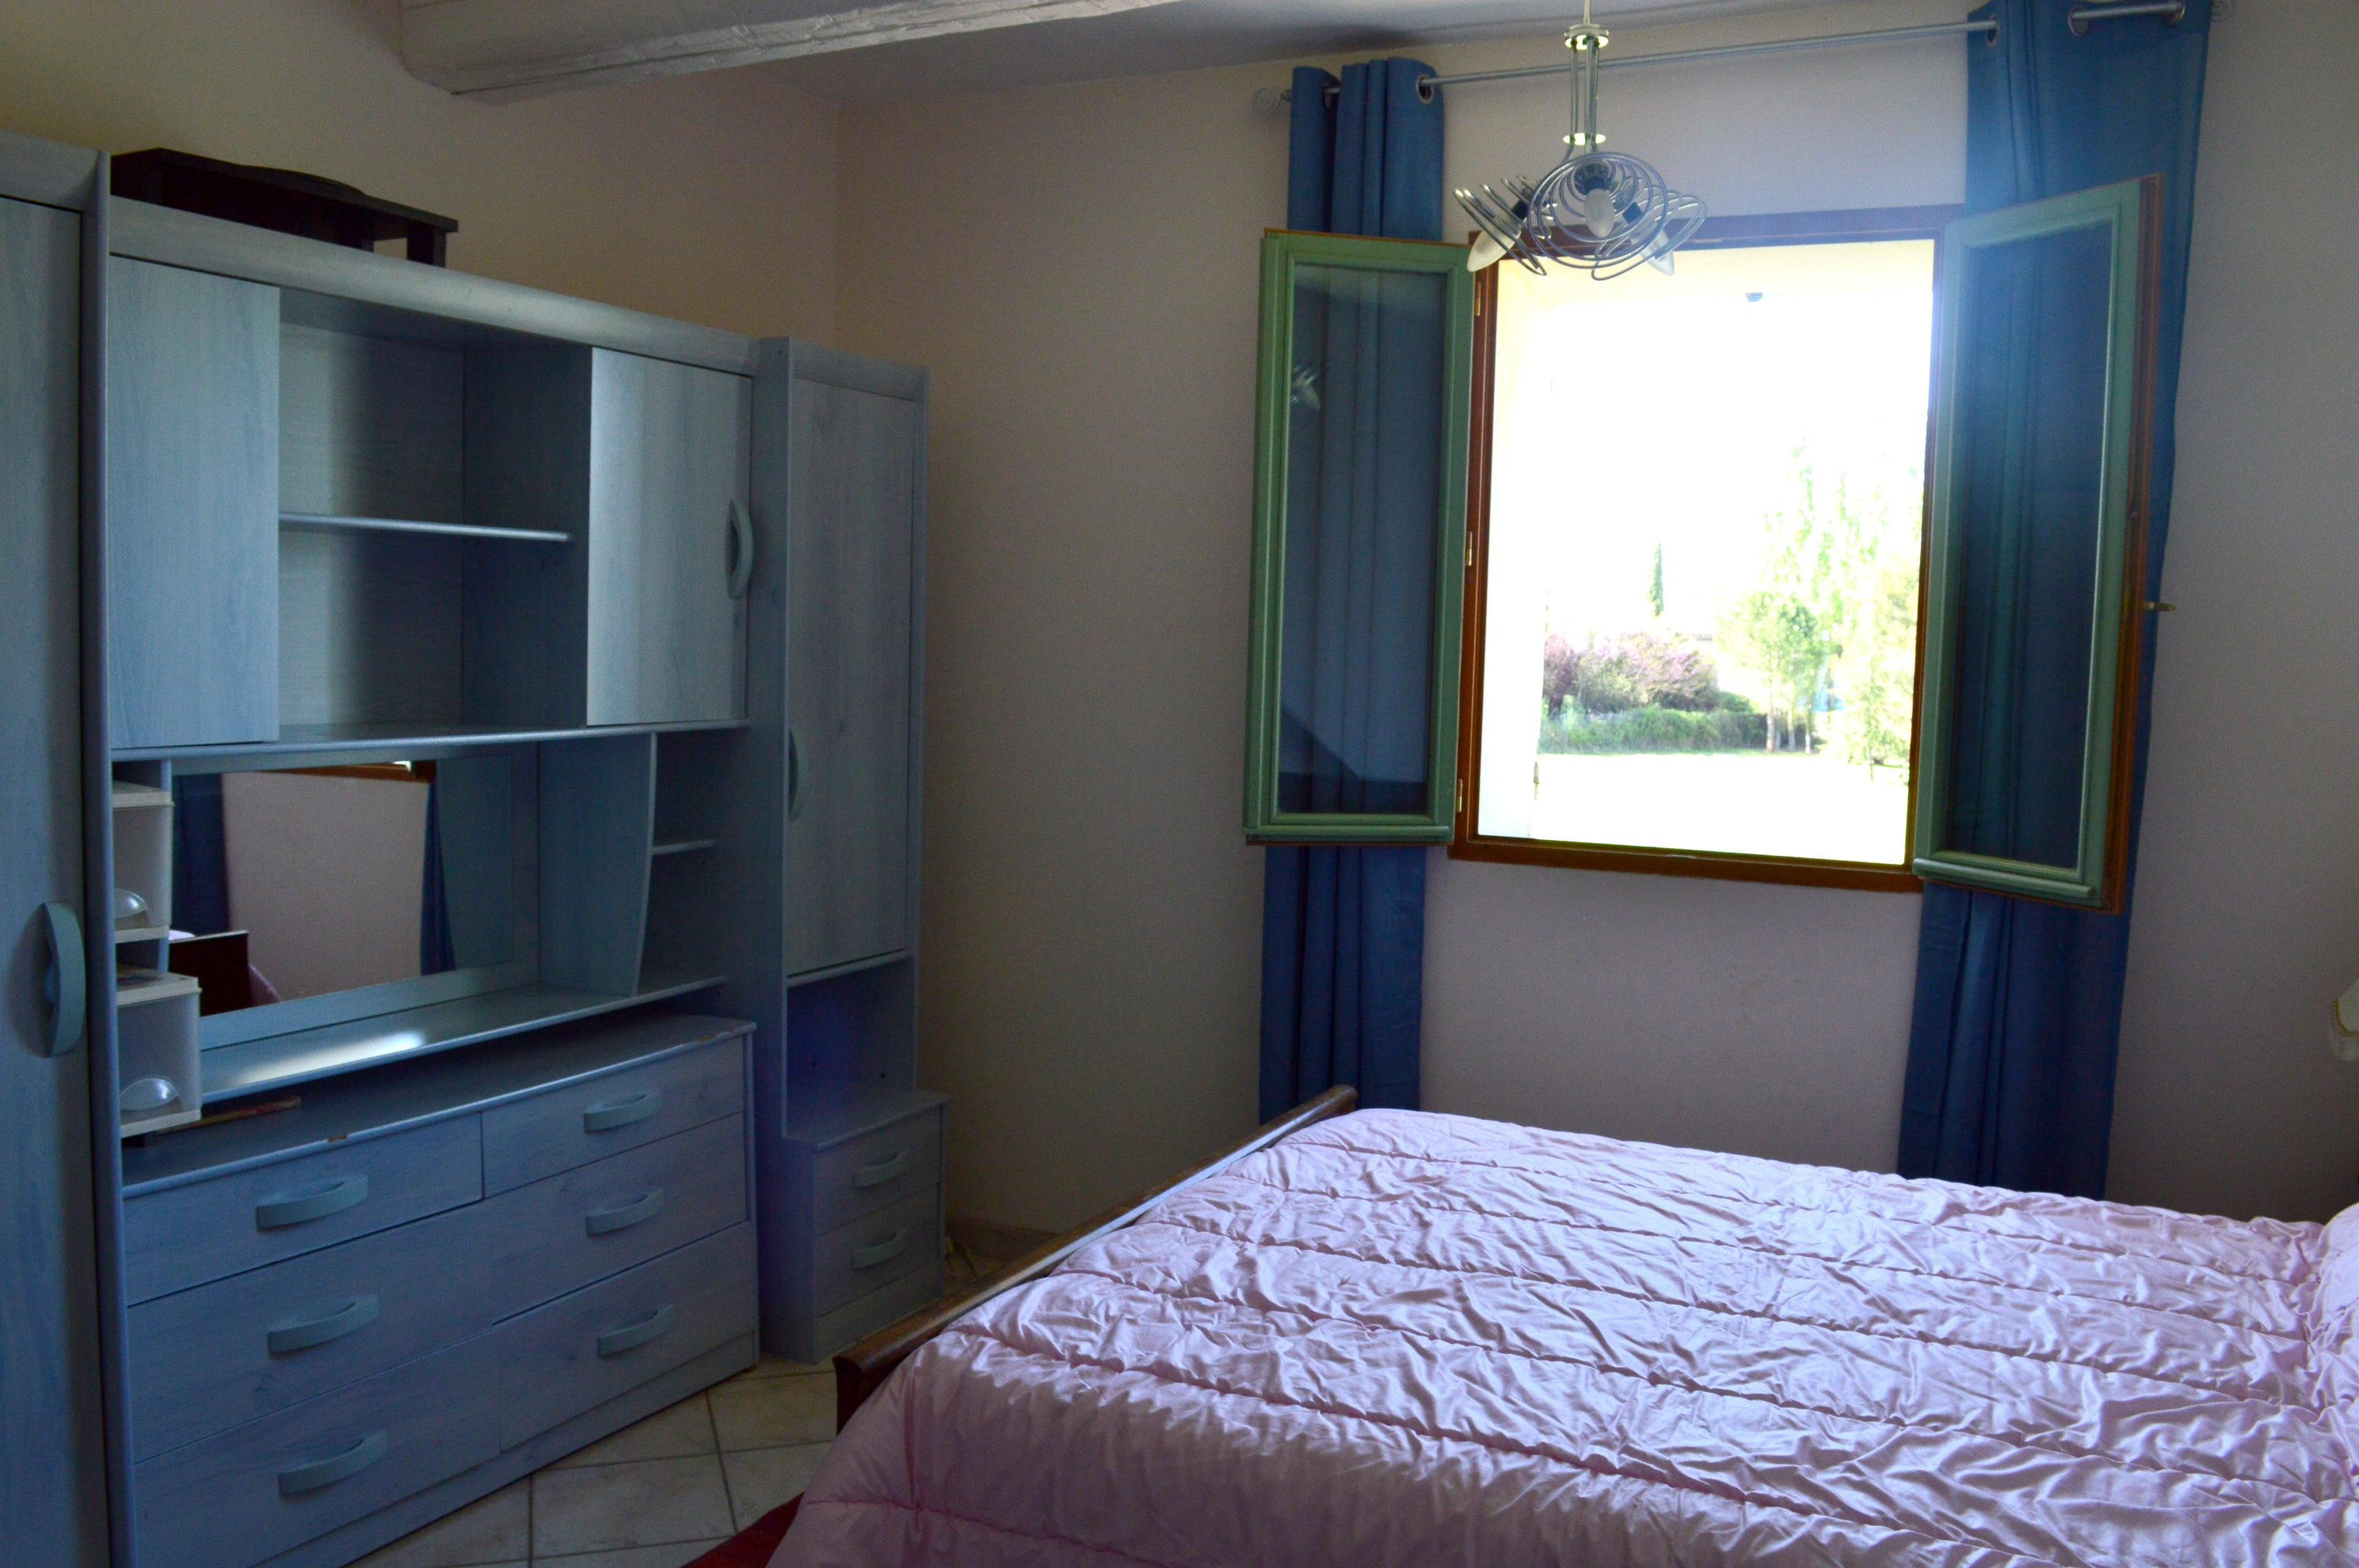 Holiday house Haus mit 7 Schlafzimmern in Monteux mit privatem Pool, eingezäuntem Garten und W-LAN (2489114), Monteux, Vaucluse, Provence - Alps - Côte d'Azur, France, picture 12